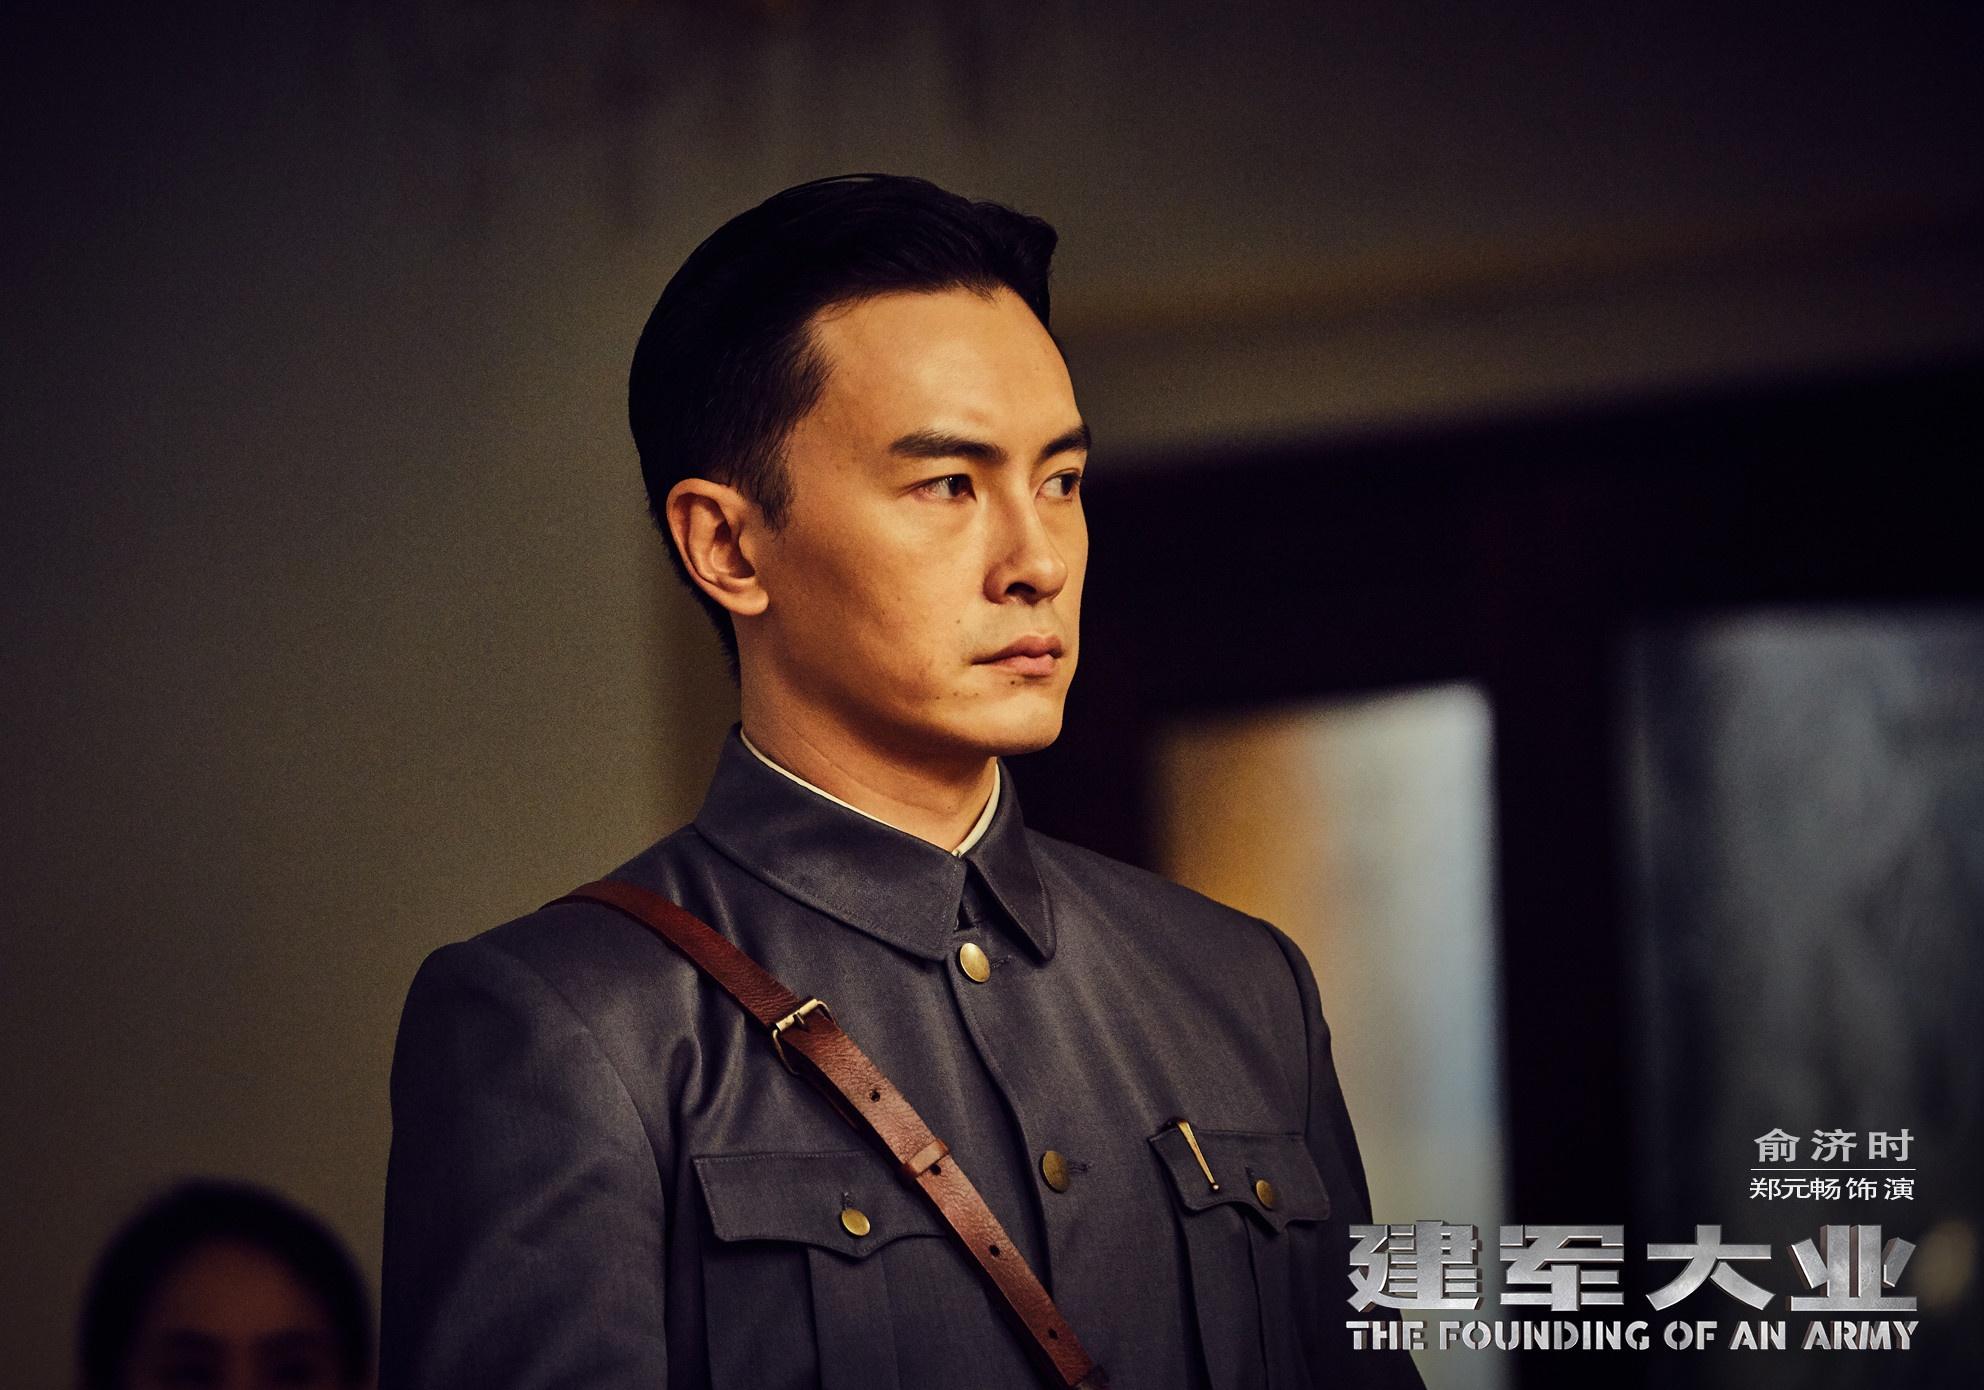 《建军大业》刘伟强逼出40位青年演员最硬表演 肾上激素飙升